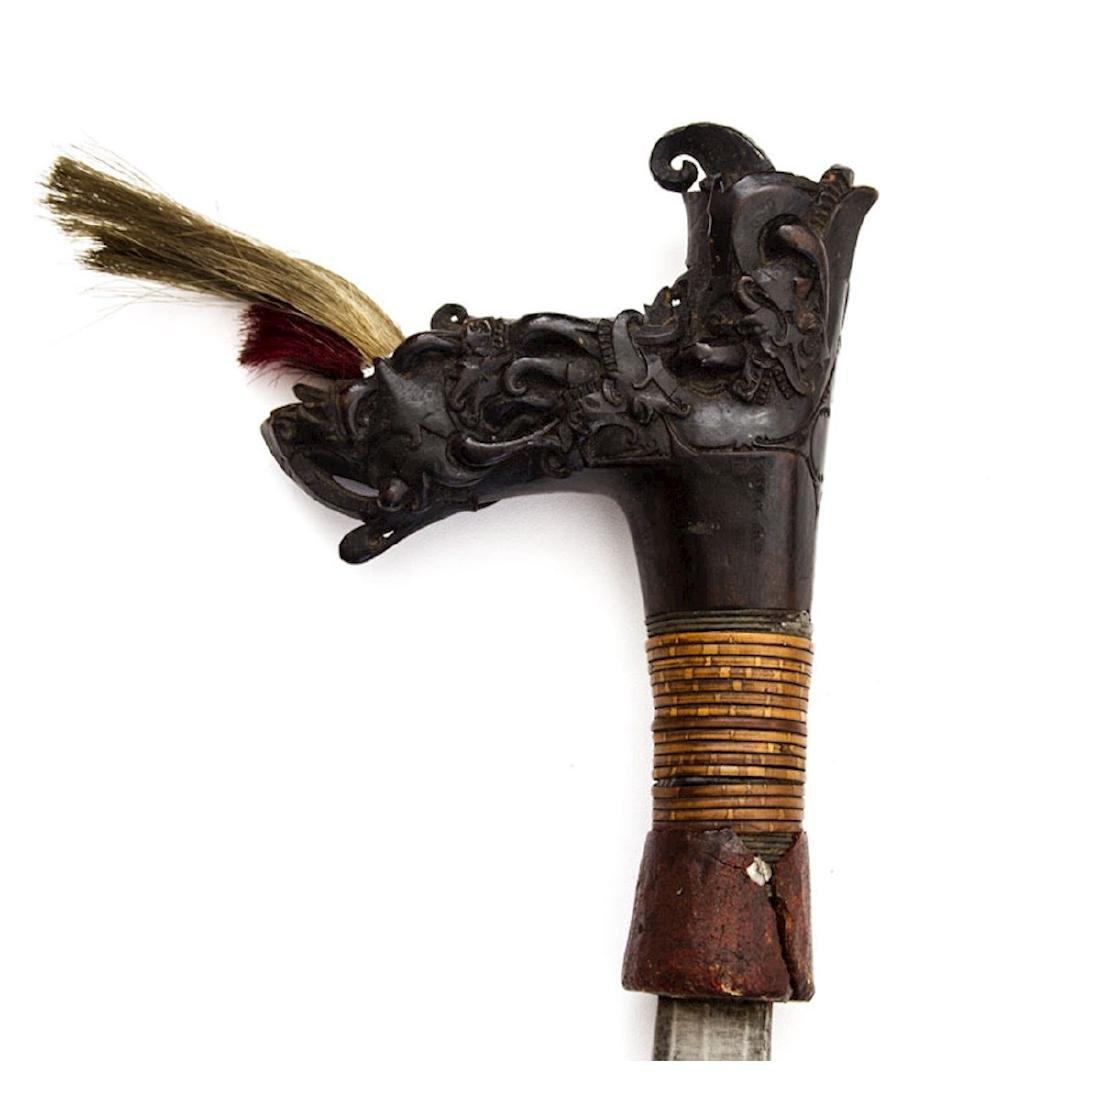 MANDAU SWORD, BORNEO, 19TH C. - 14